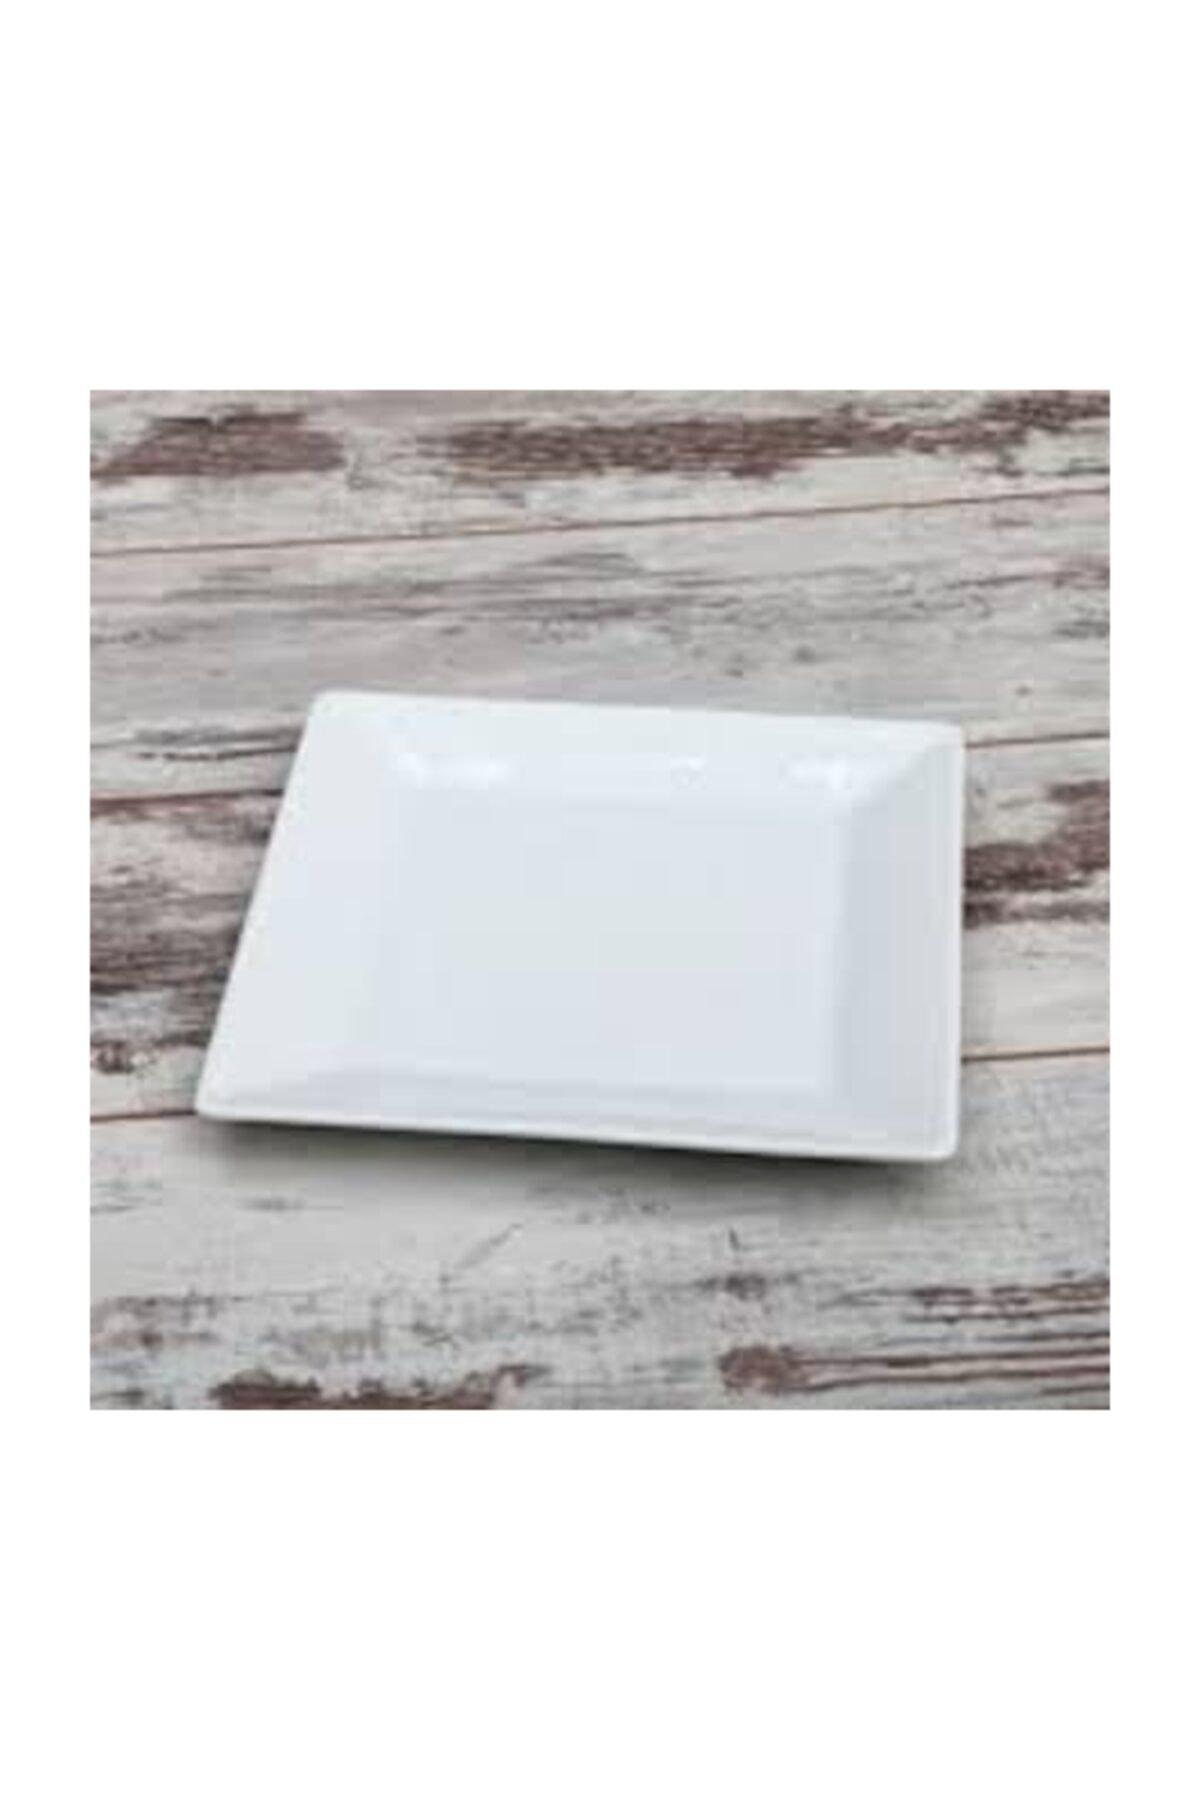 Güral Porselen Kare Servis Tabağı 6'lı 21*21 cm 1